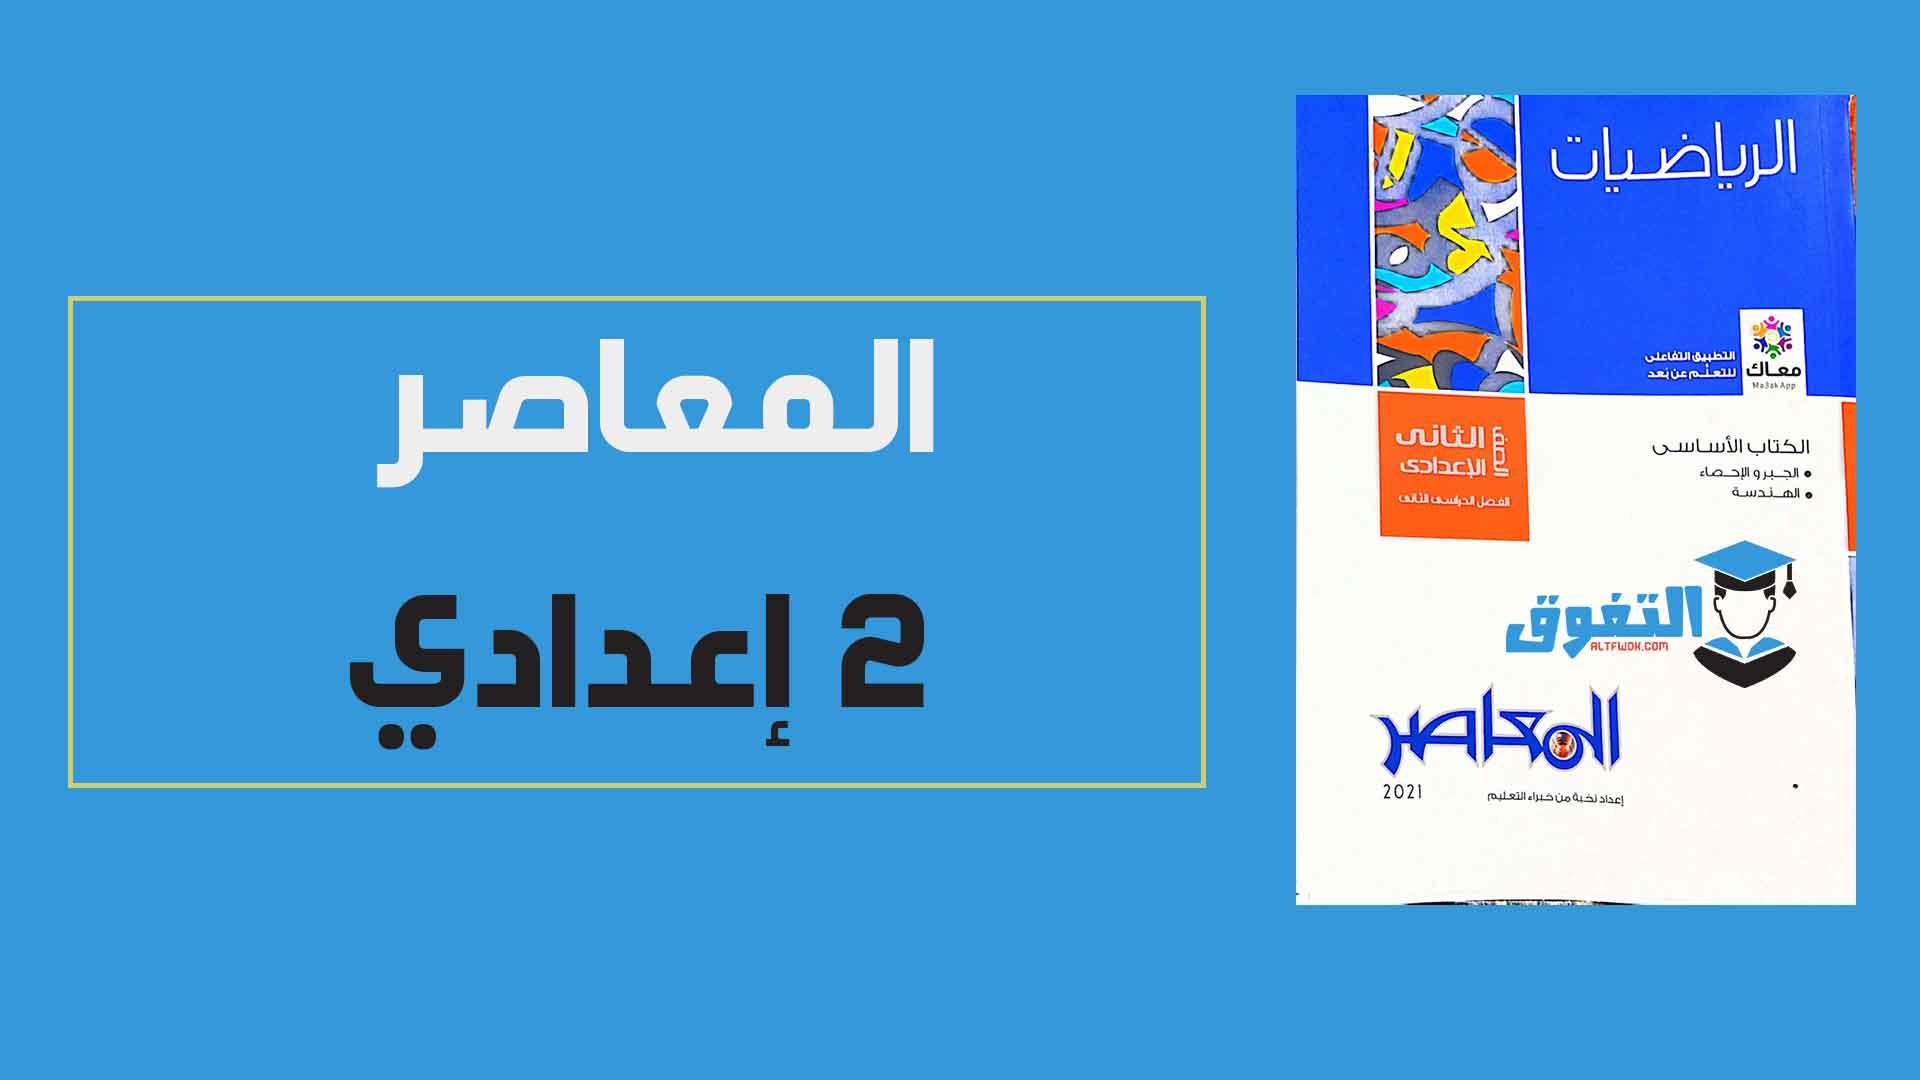 تحميل كتاب المعاصر فى الرياضيات للصف الثانى الاعدادى الترم الثانى 2021  pdf (كتاب الشرح)